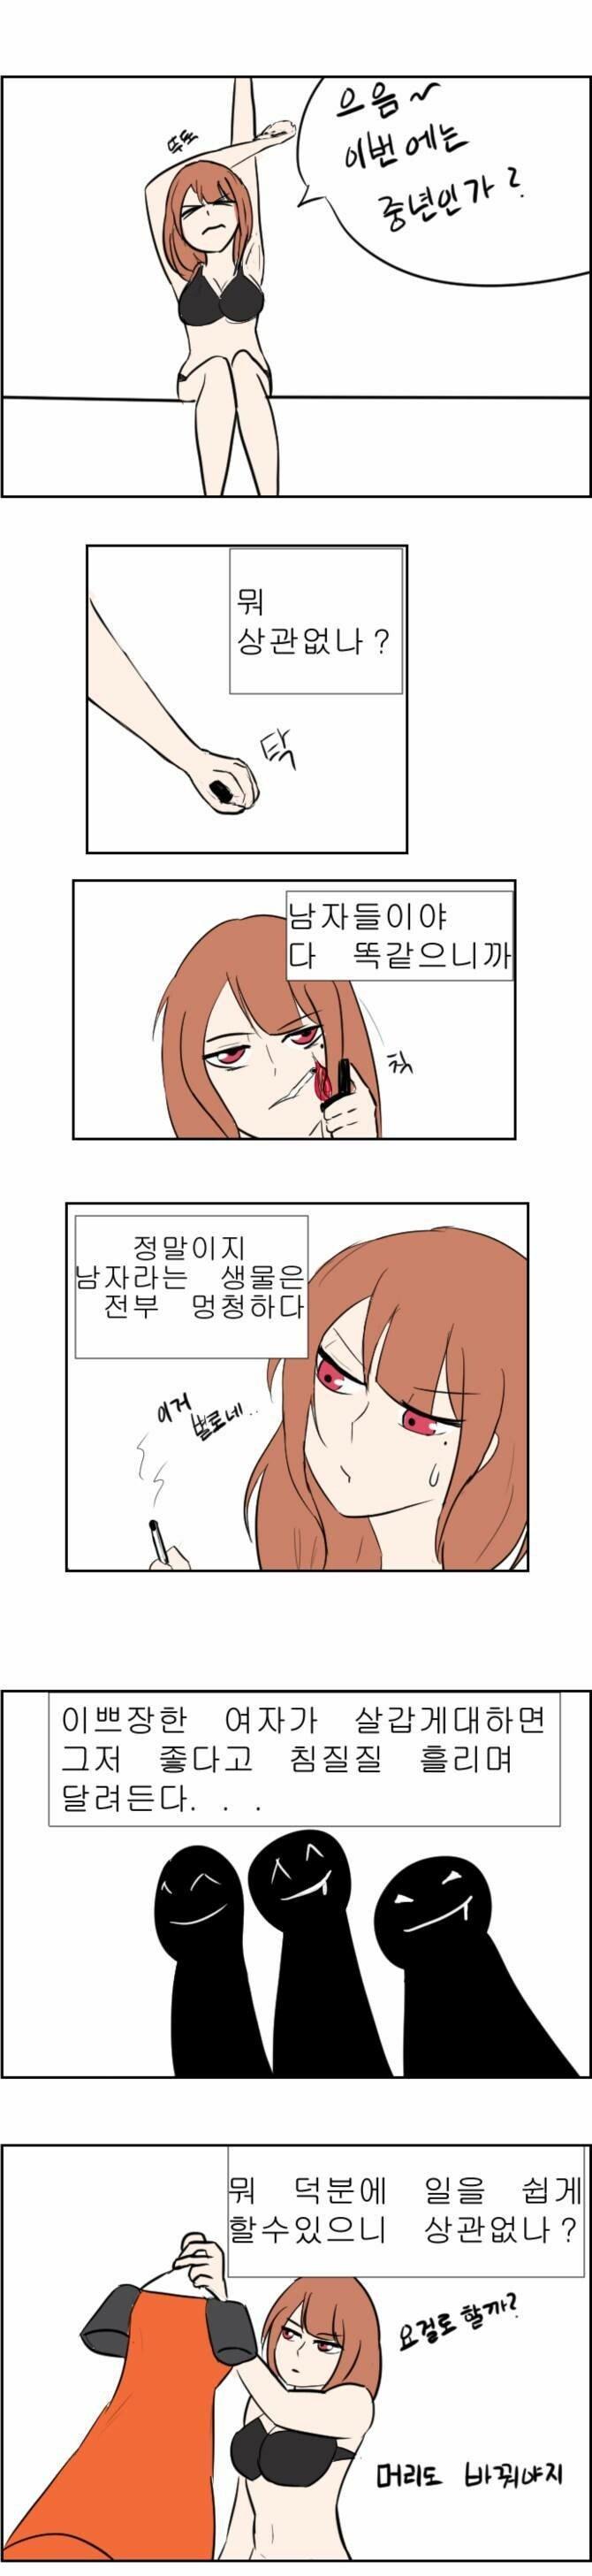 2.jpg ㅇㅎ)남자를 유혹하는 킬러 만화